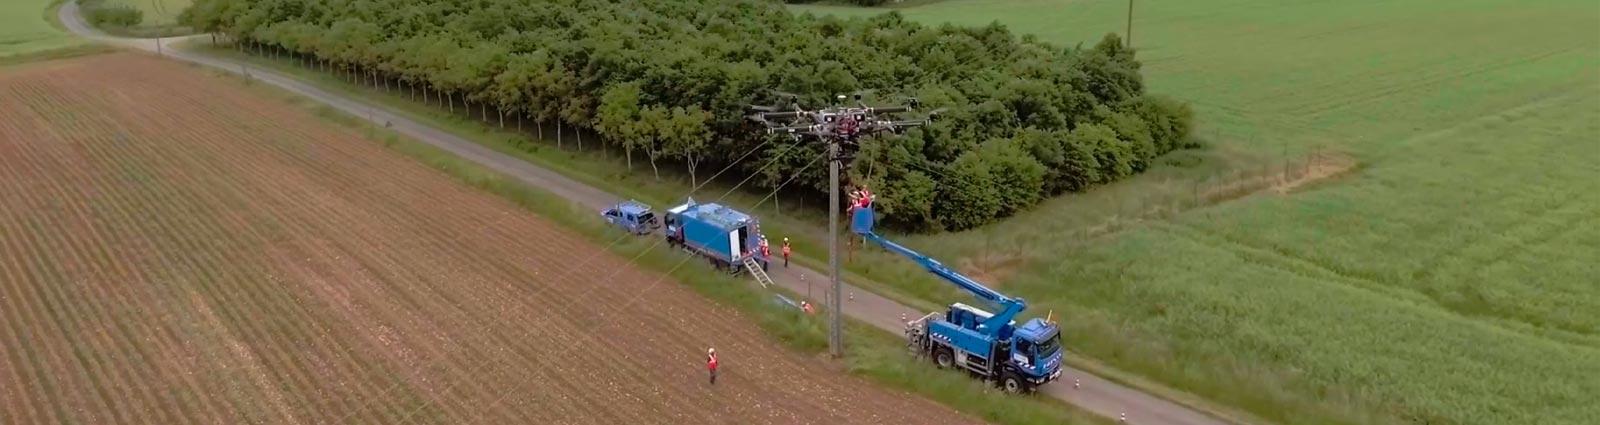 Réalisation d'images aeriennes lors d'un tournage en drone pour enedis